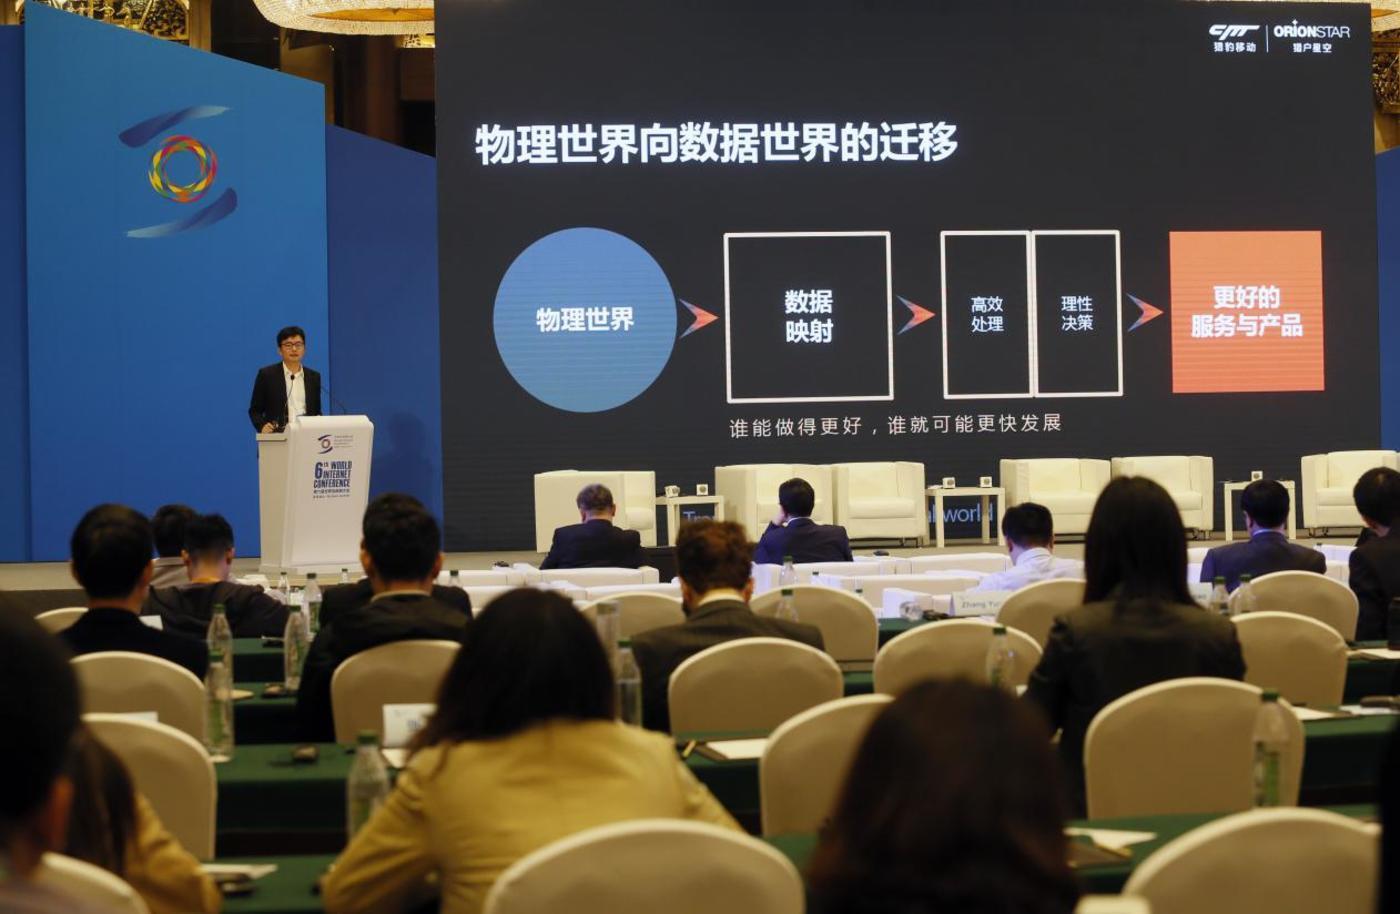 直击乌镇 | 猎豹移动傅盛:机器人将成为下一场产业革命载体,产品落地至关重要